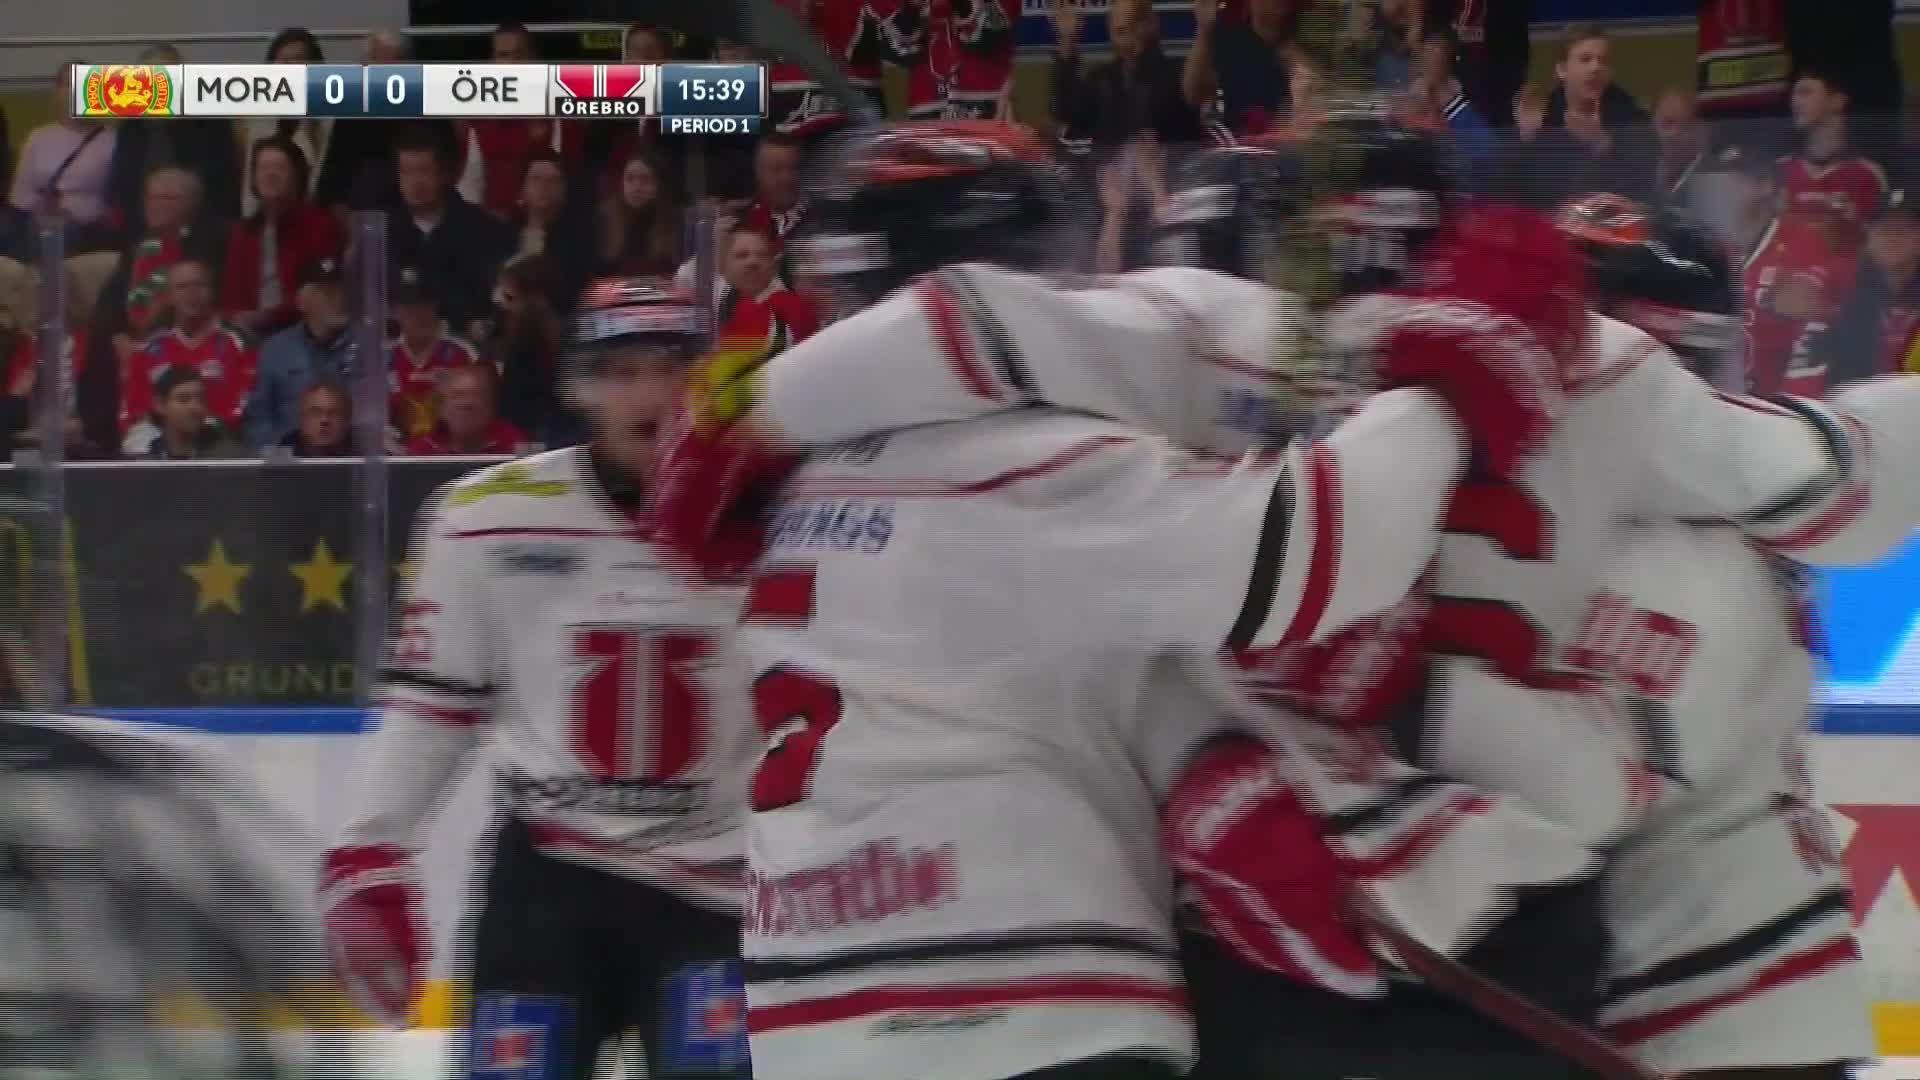 Mora IK - Örebro Hockey 0-1